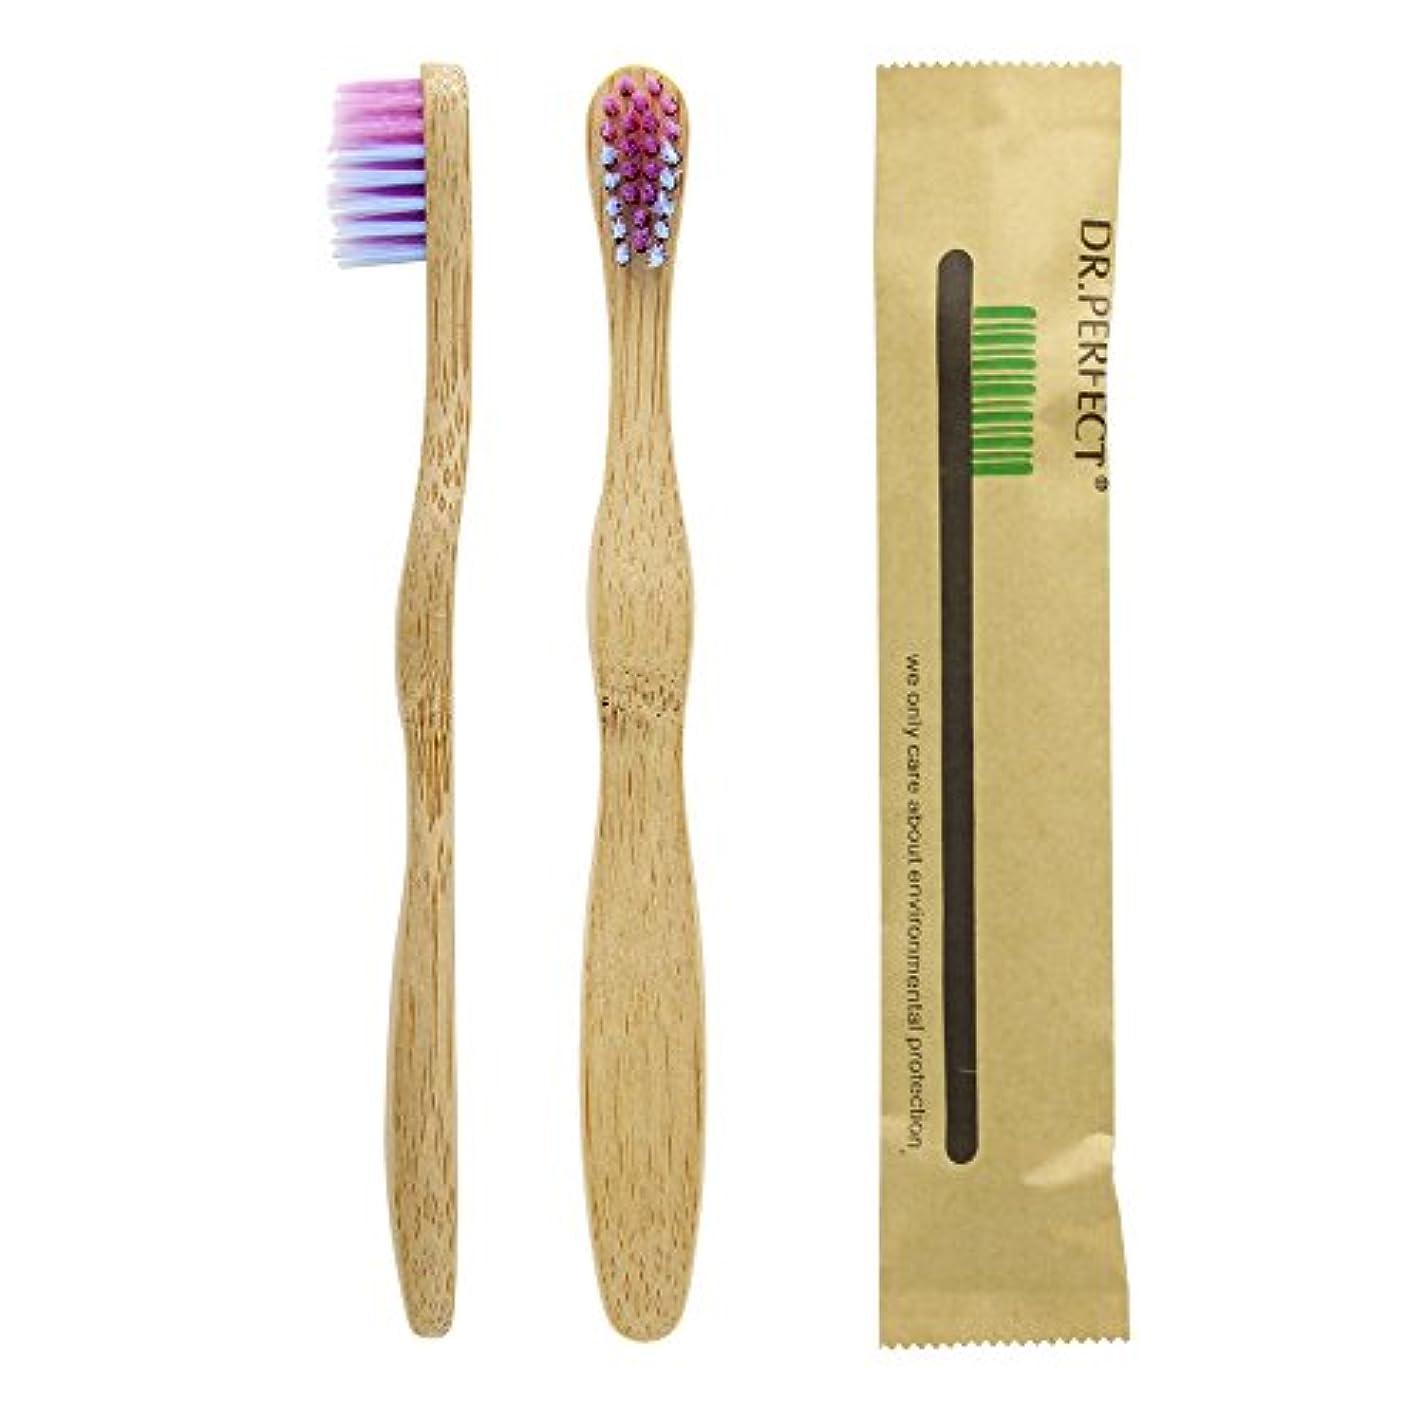 大佐疼痛シダDr.Perfect Bamboo チャイルド 竹の歯ブラシ ナイロン毛 生分解性の (パープル)